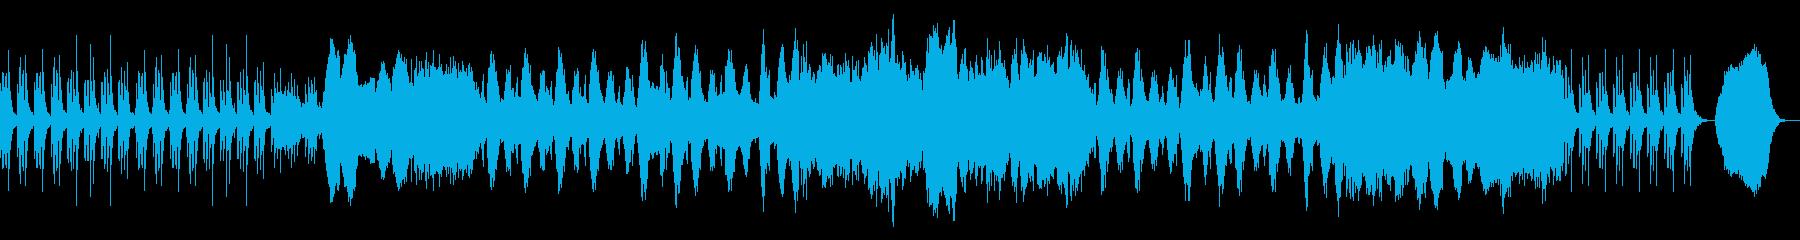 映像 ナレーションBGM RPG 弦楽の再生済みの波形